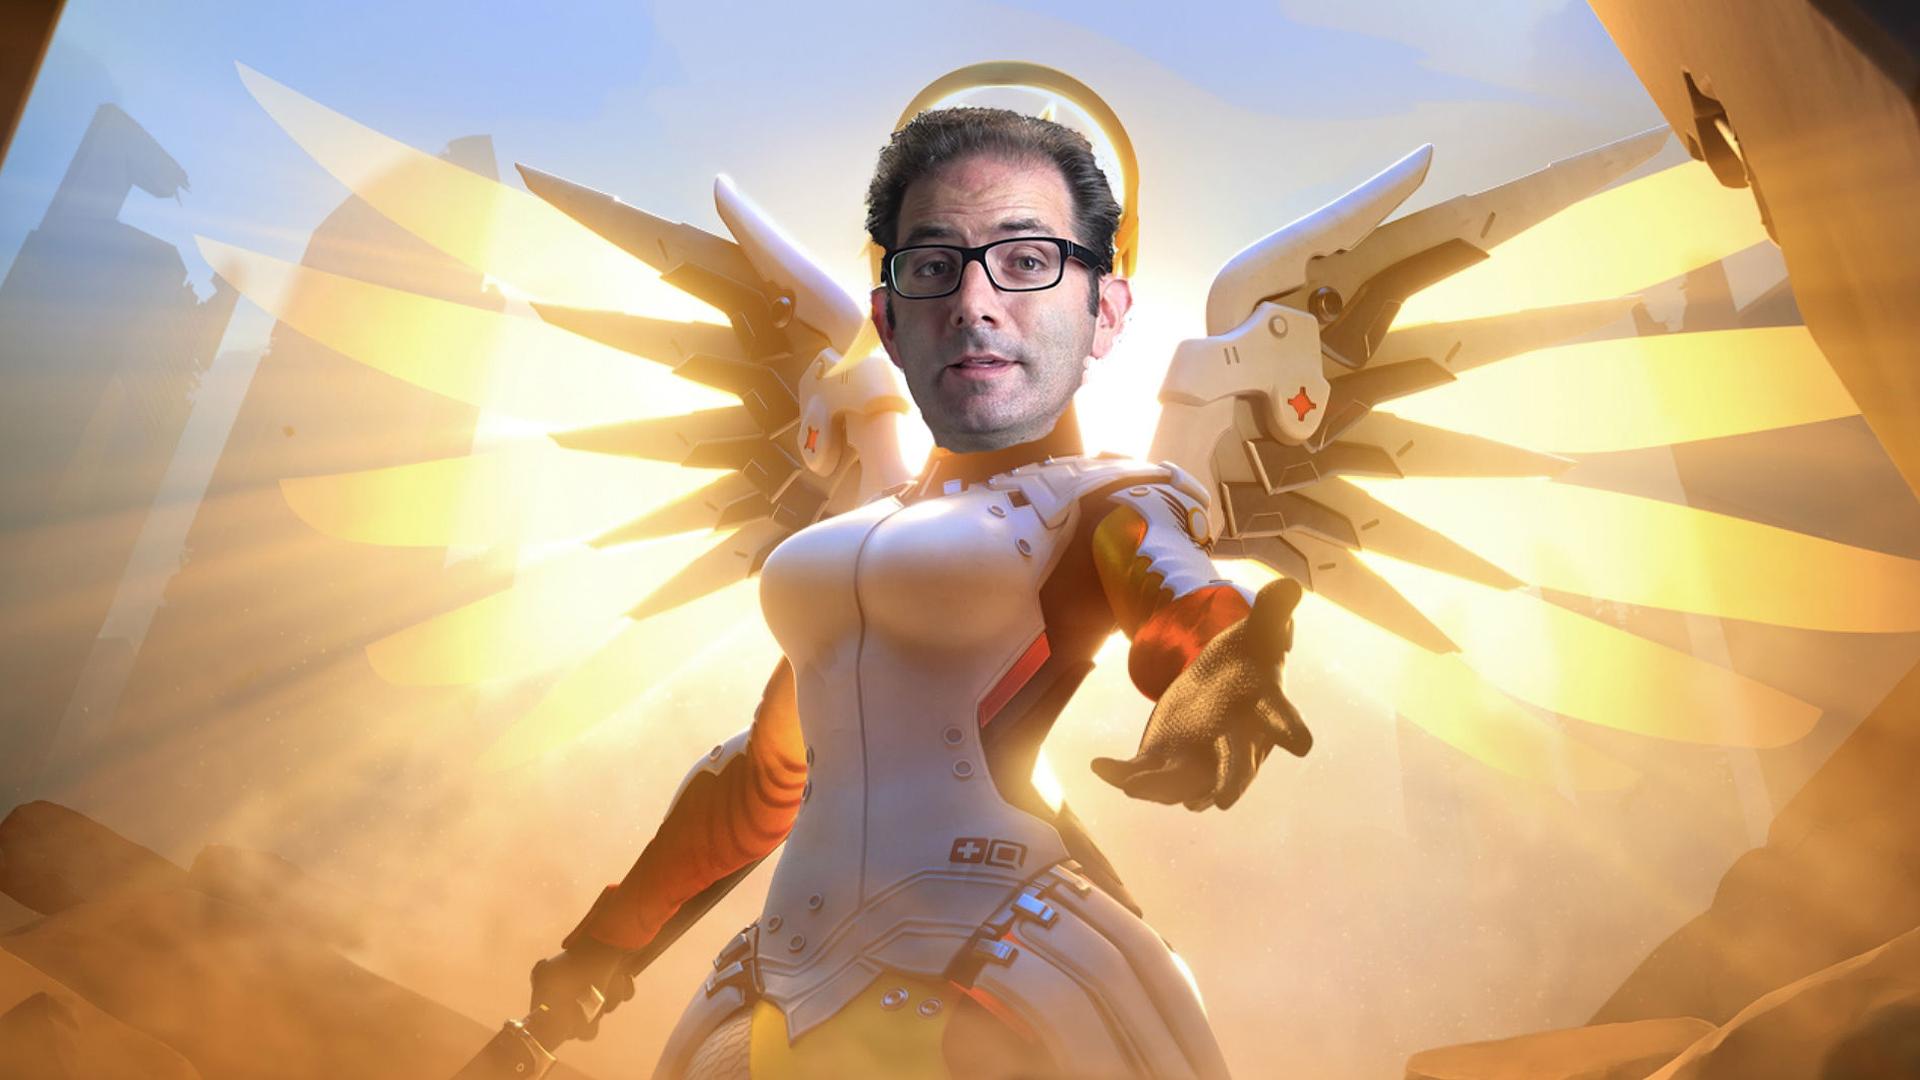 """Overwatch's Jeff Kaplan wants to """"healing beam everyone with coronavirus"""" as Mercy"""